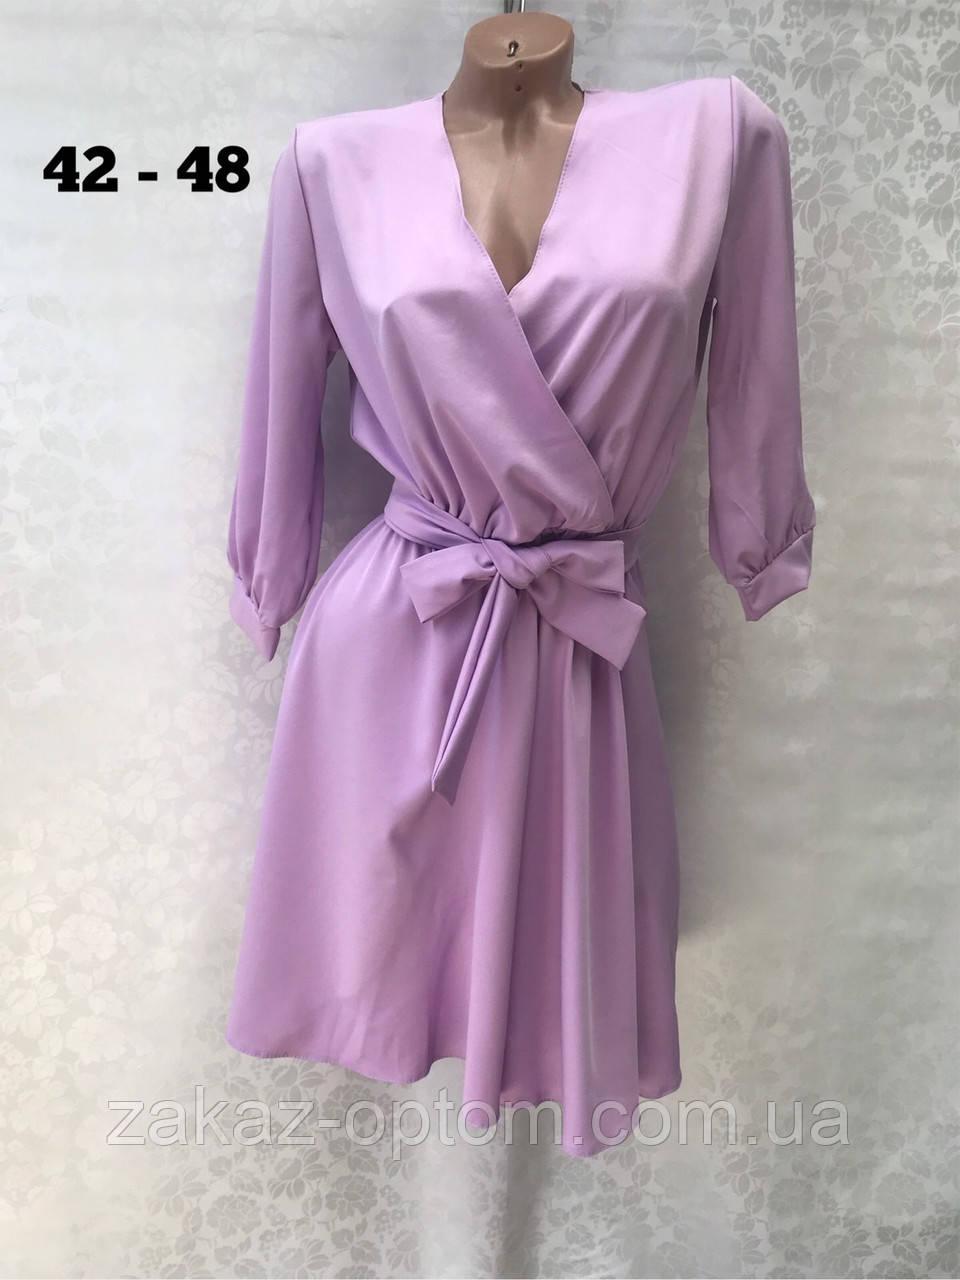 Плаття жіноче оптом(42-48)Україна-64397